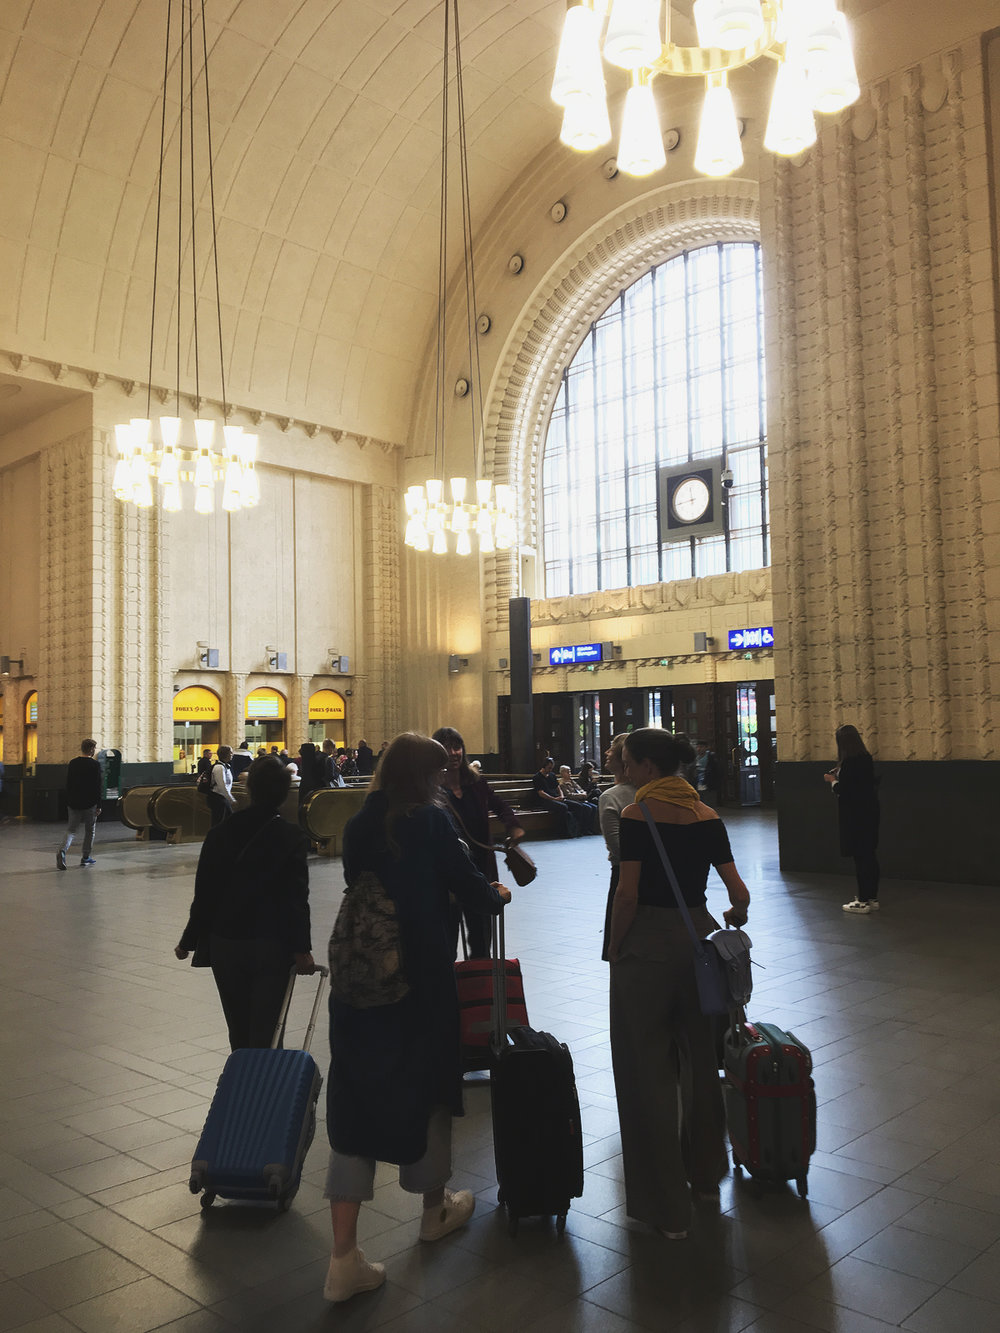 Centralstationen.jpg